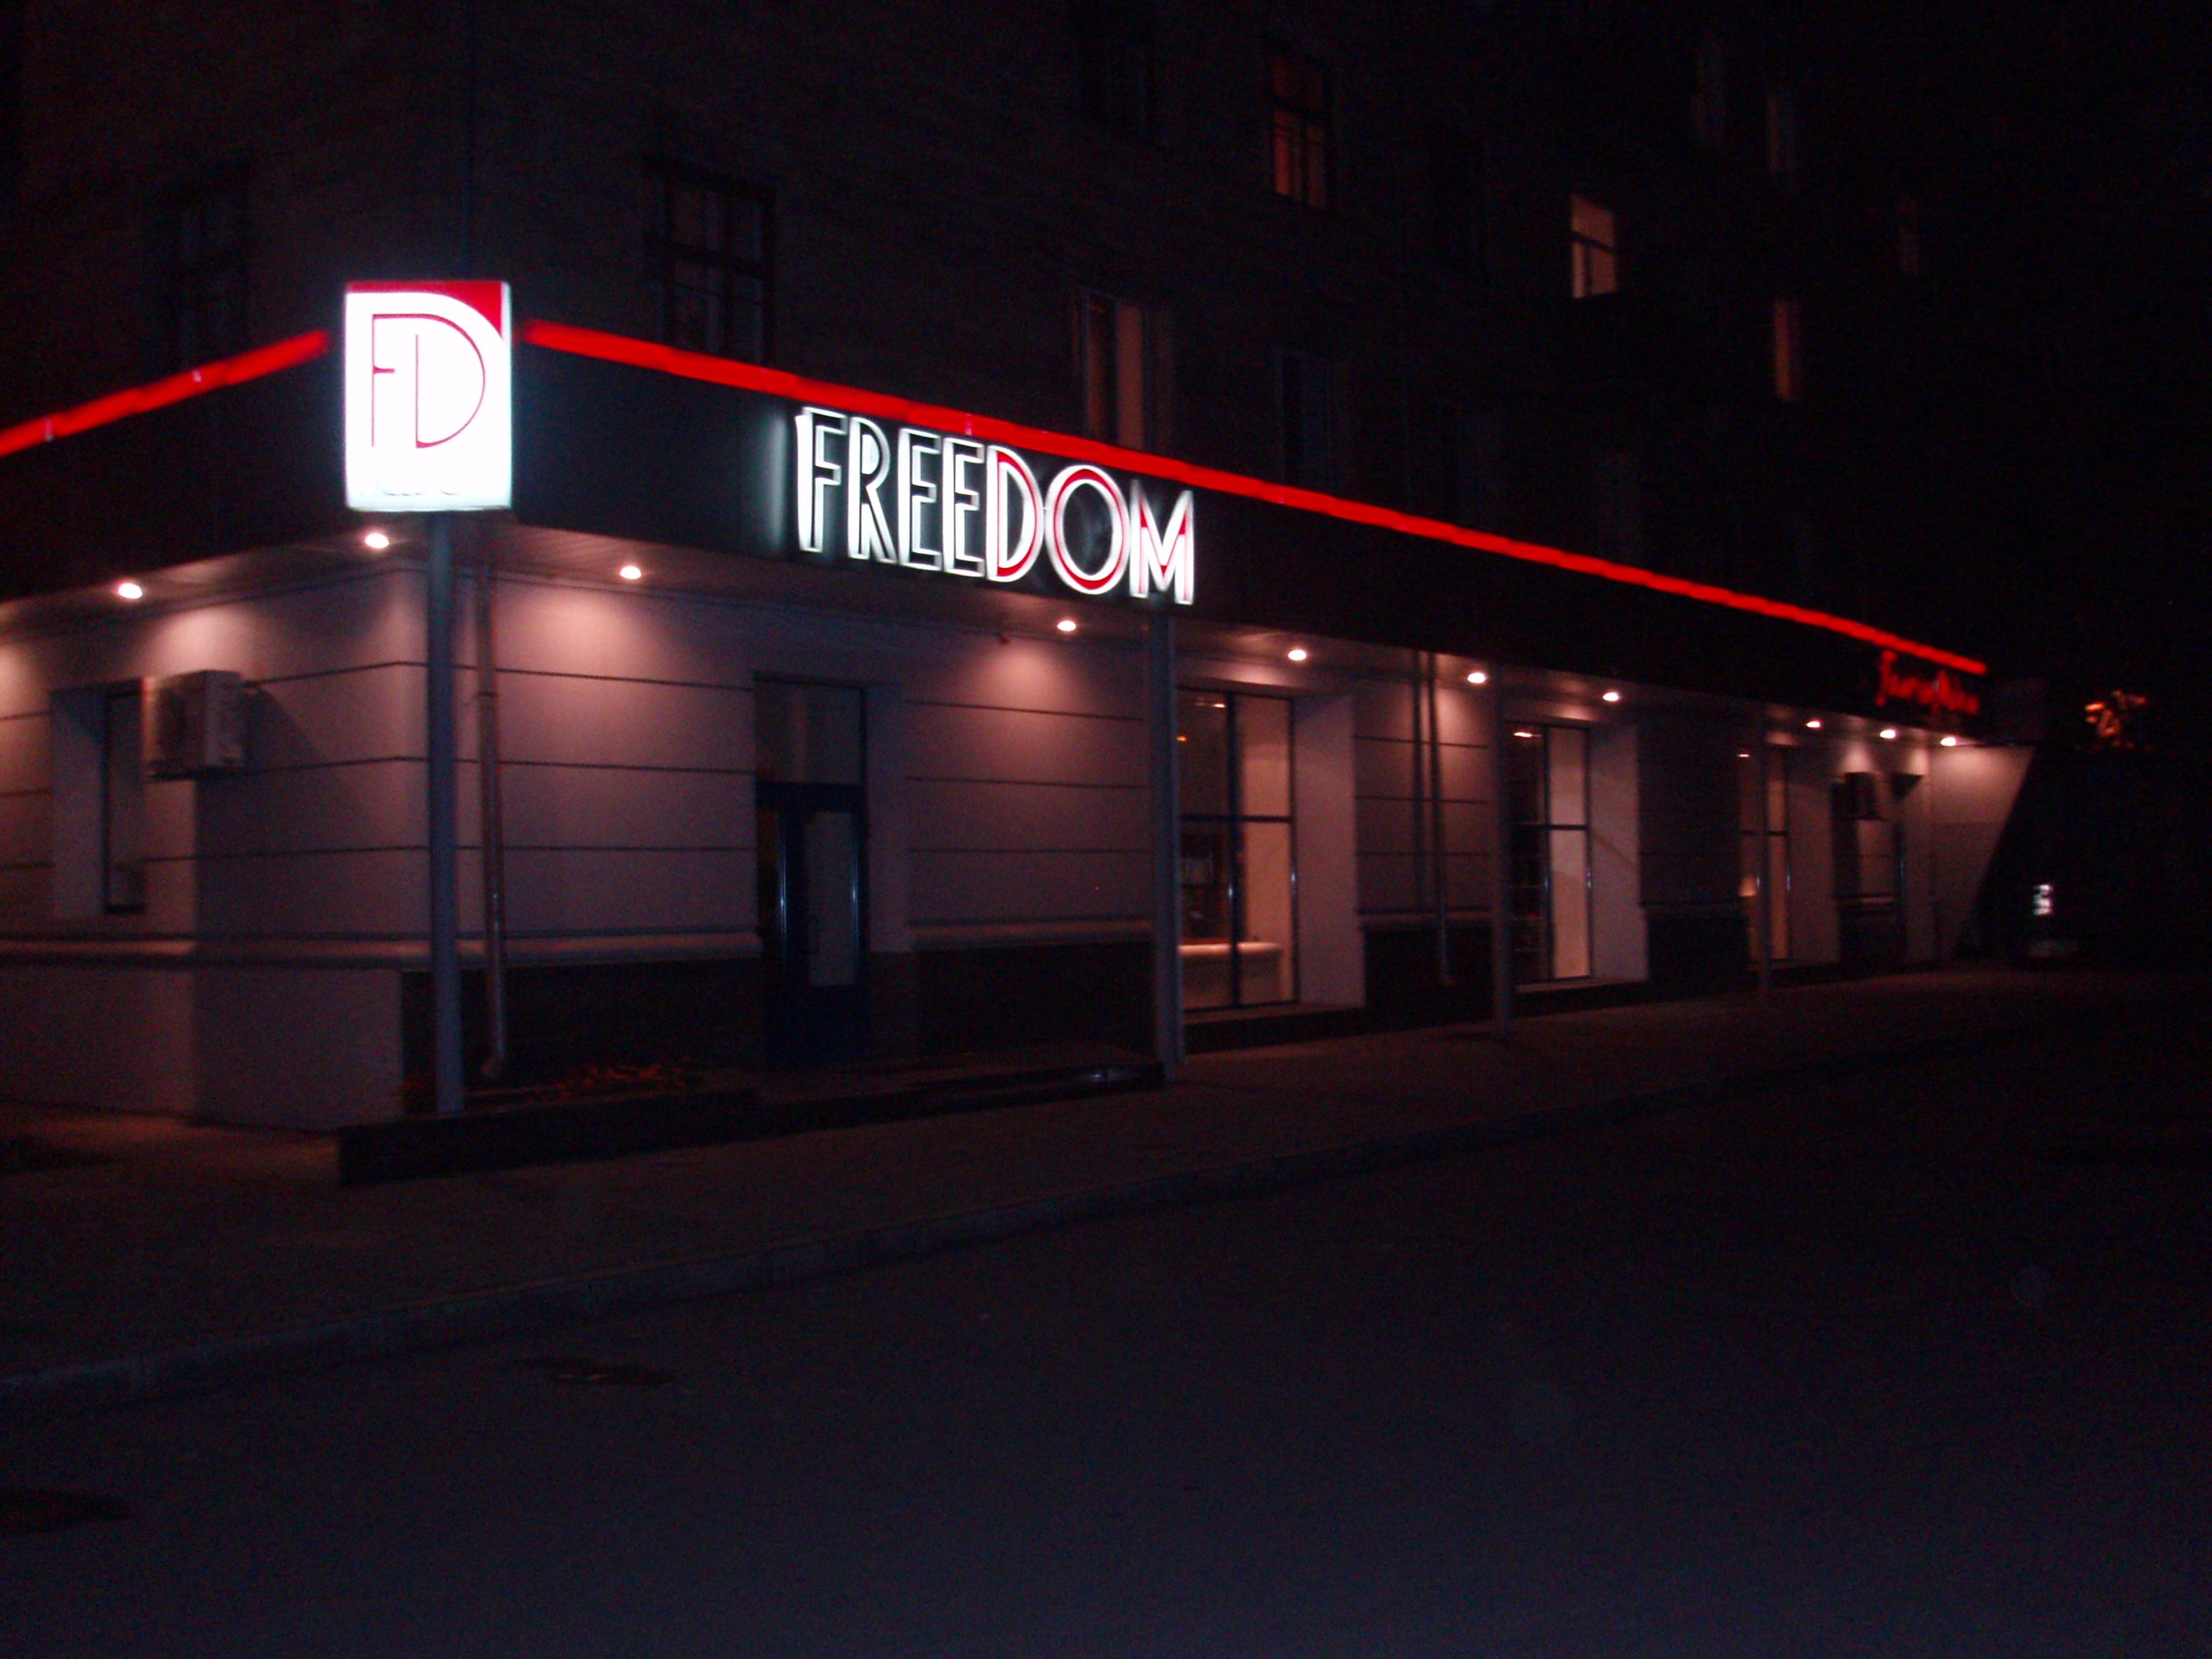 объемные буквы на фасаде из металла вид ночью